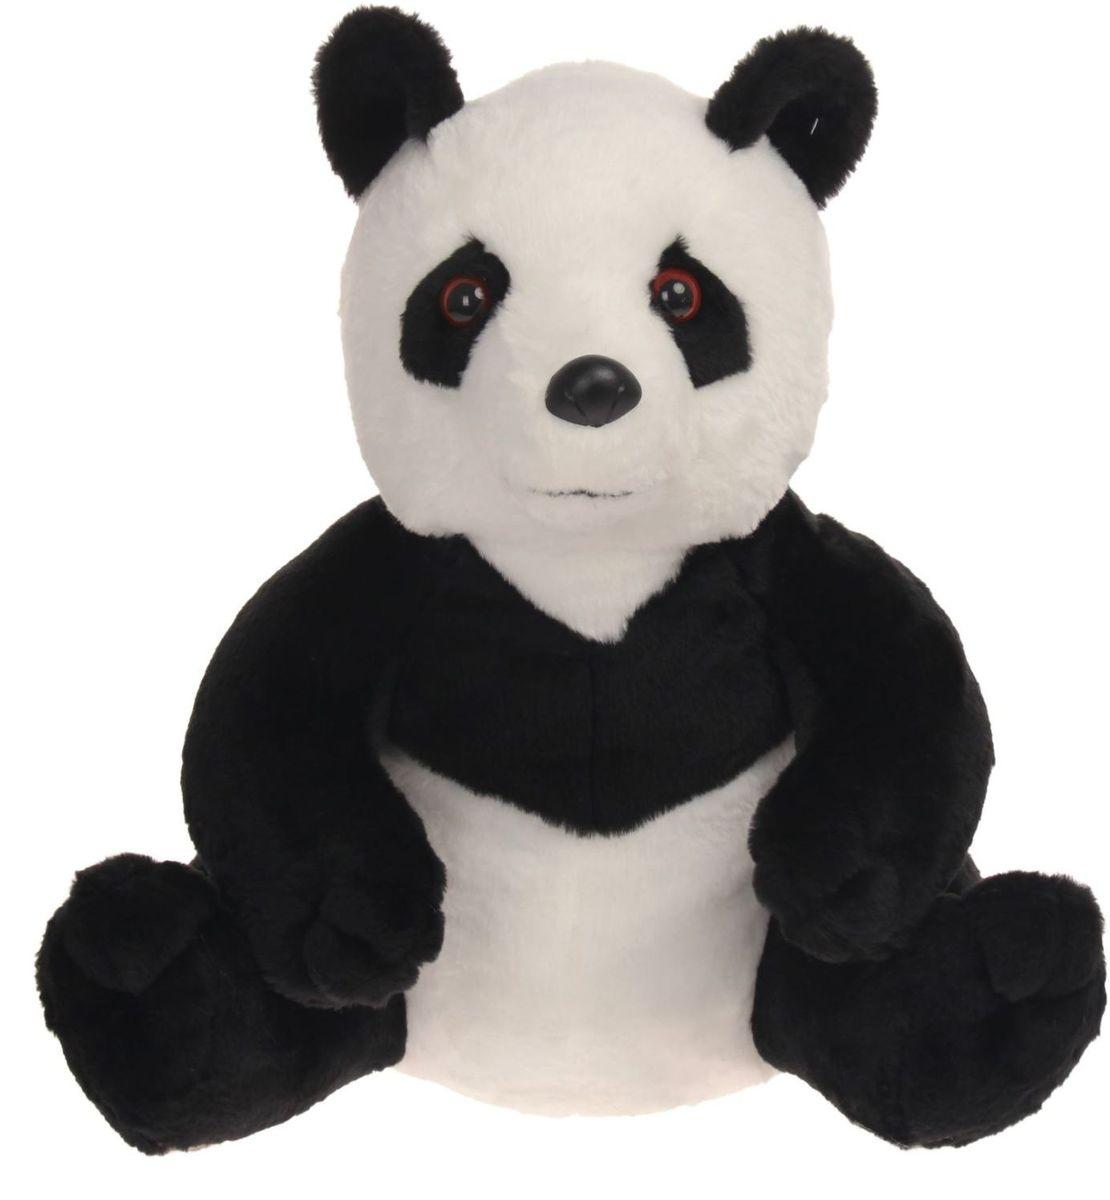 Радомир Мягкая игрушка Медведь Панда 54 см 2008854 радомир мягкая игрушка собака соня 55 см 2008906